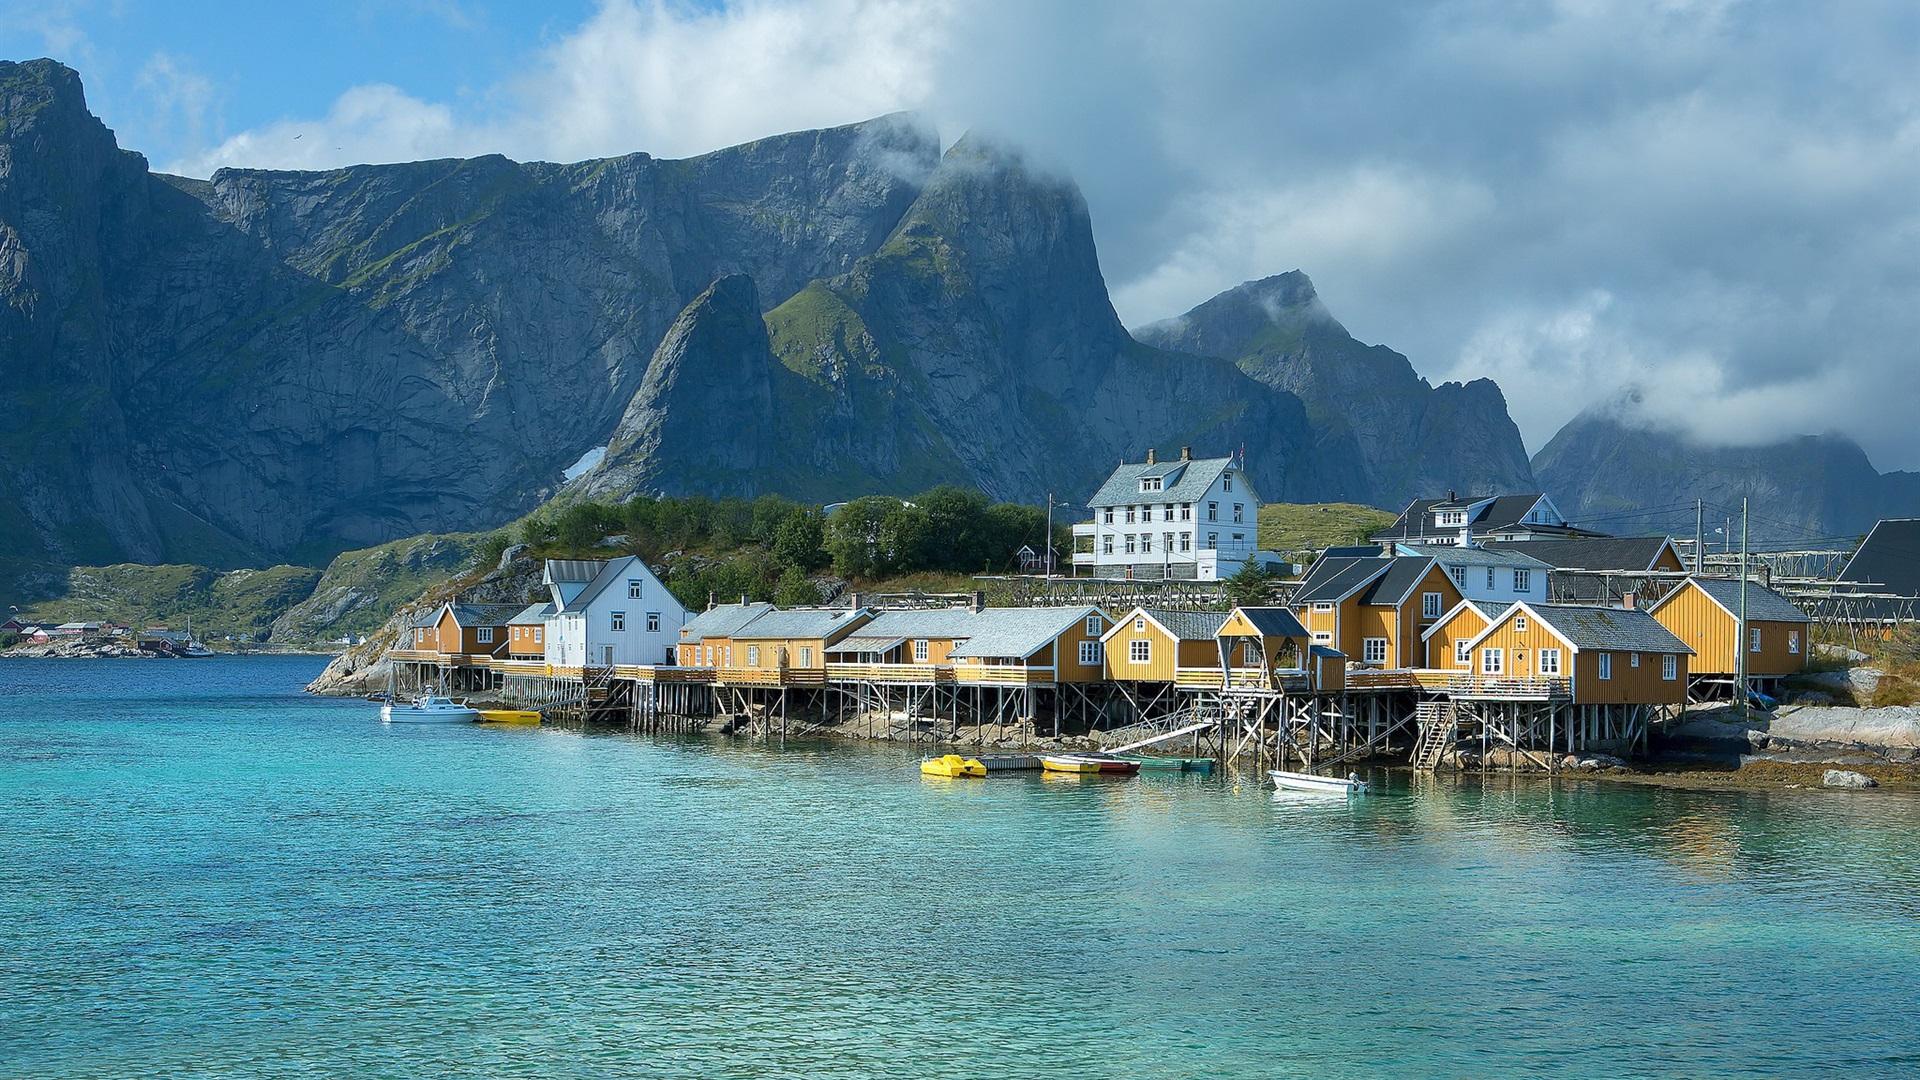 Fonds Décran Norvège Jetée Maisons Mer Montagnes